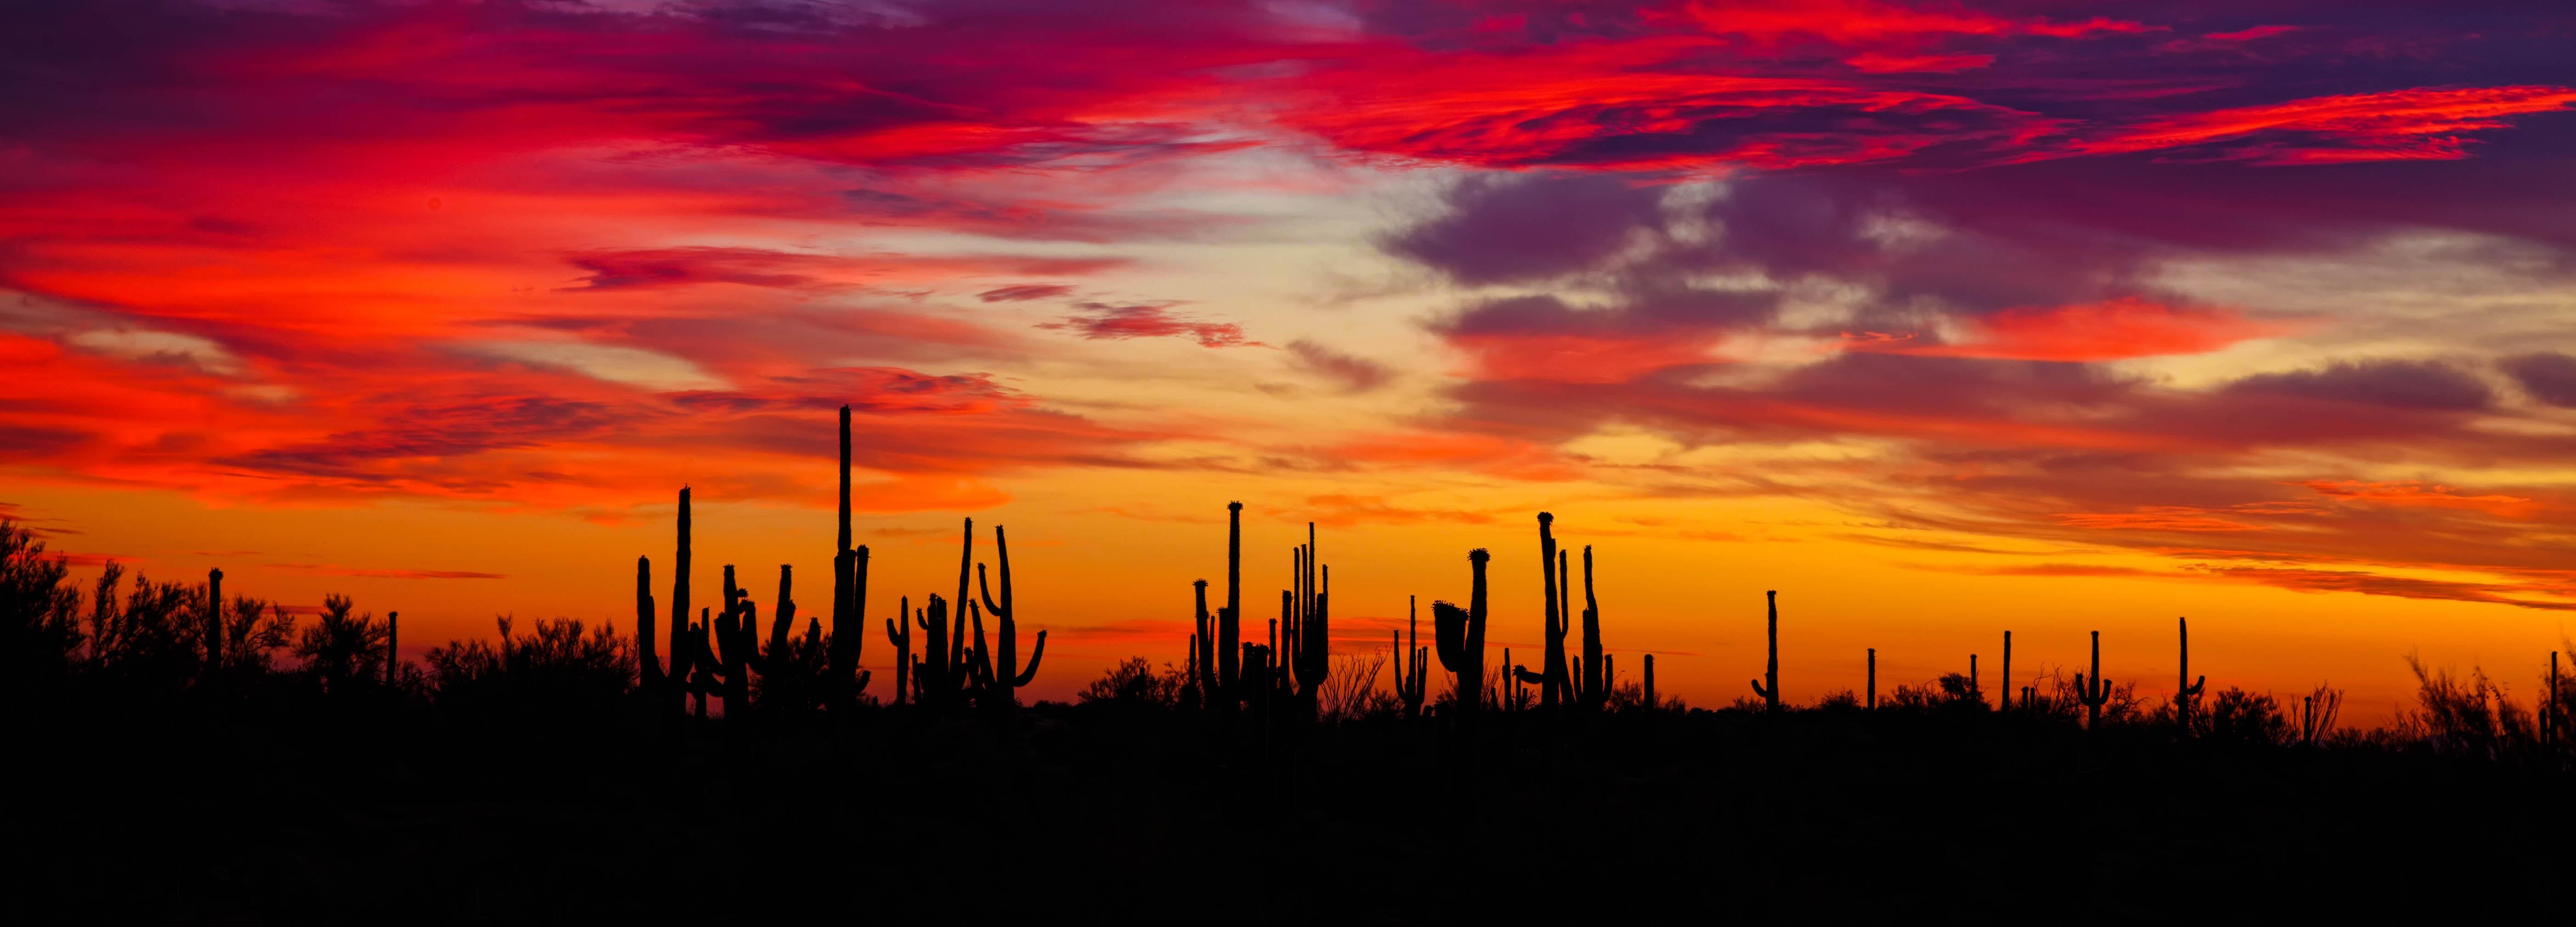 64248 скачать обои Природа, Кактусы, Закат, Силуэты, Аризона - заставки и картинки бесплатно